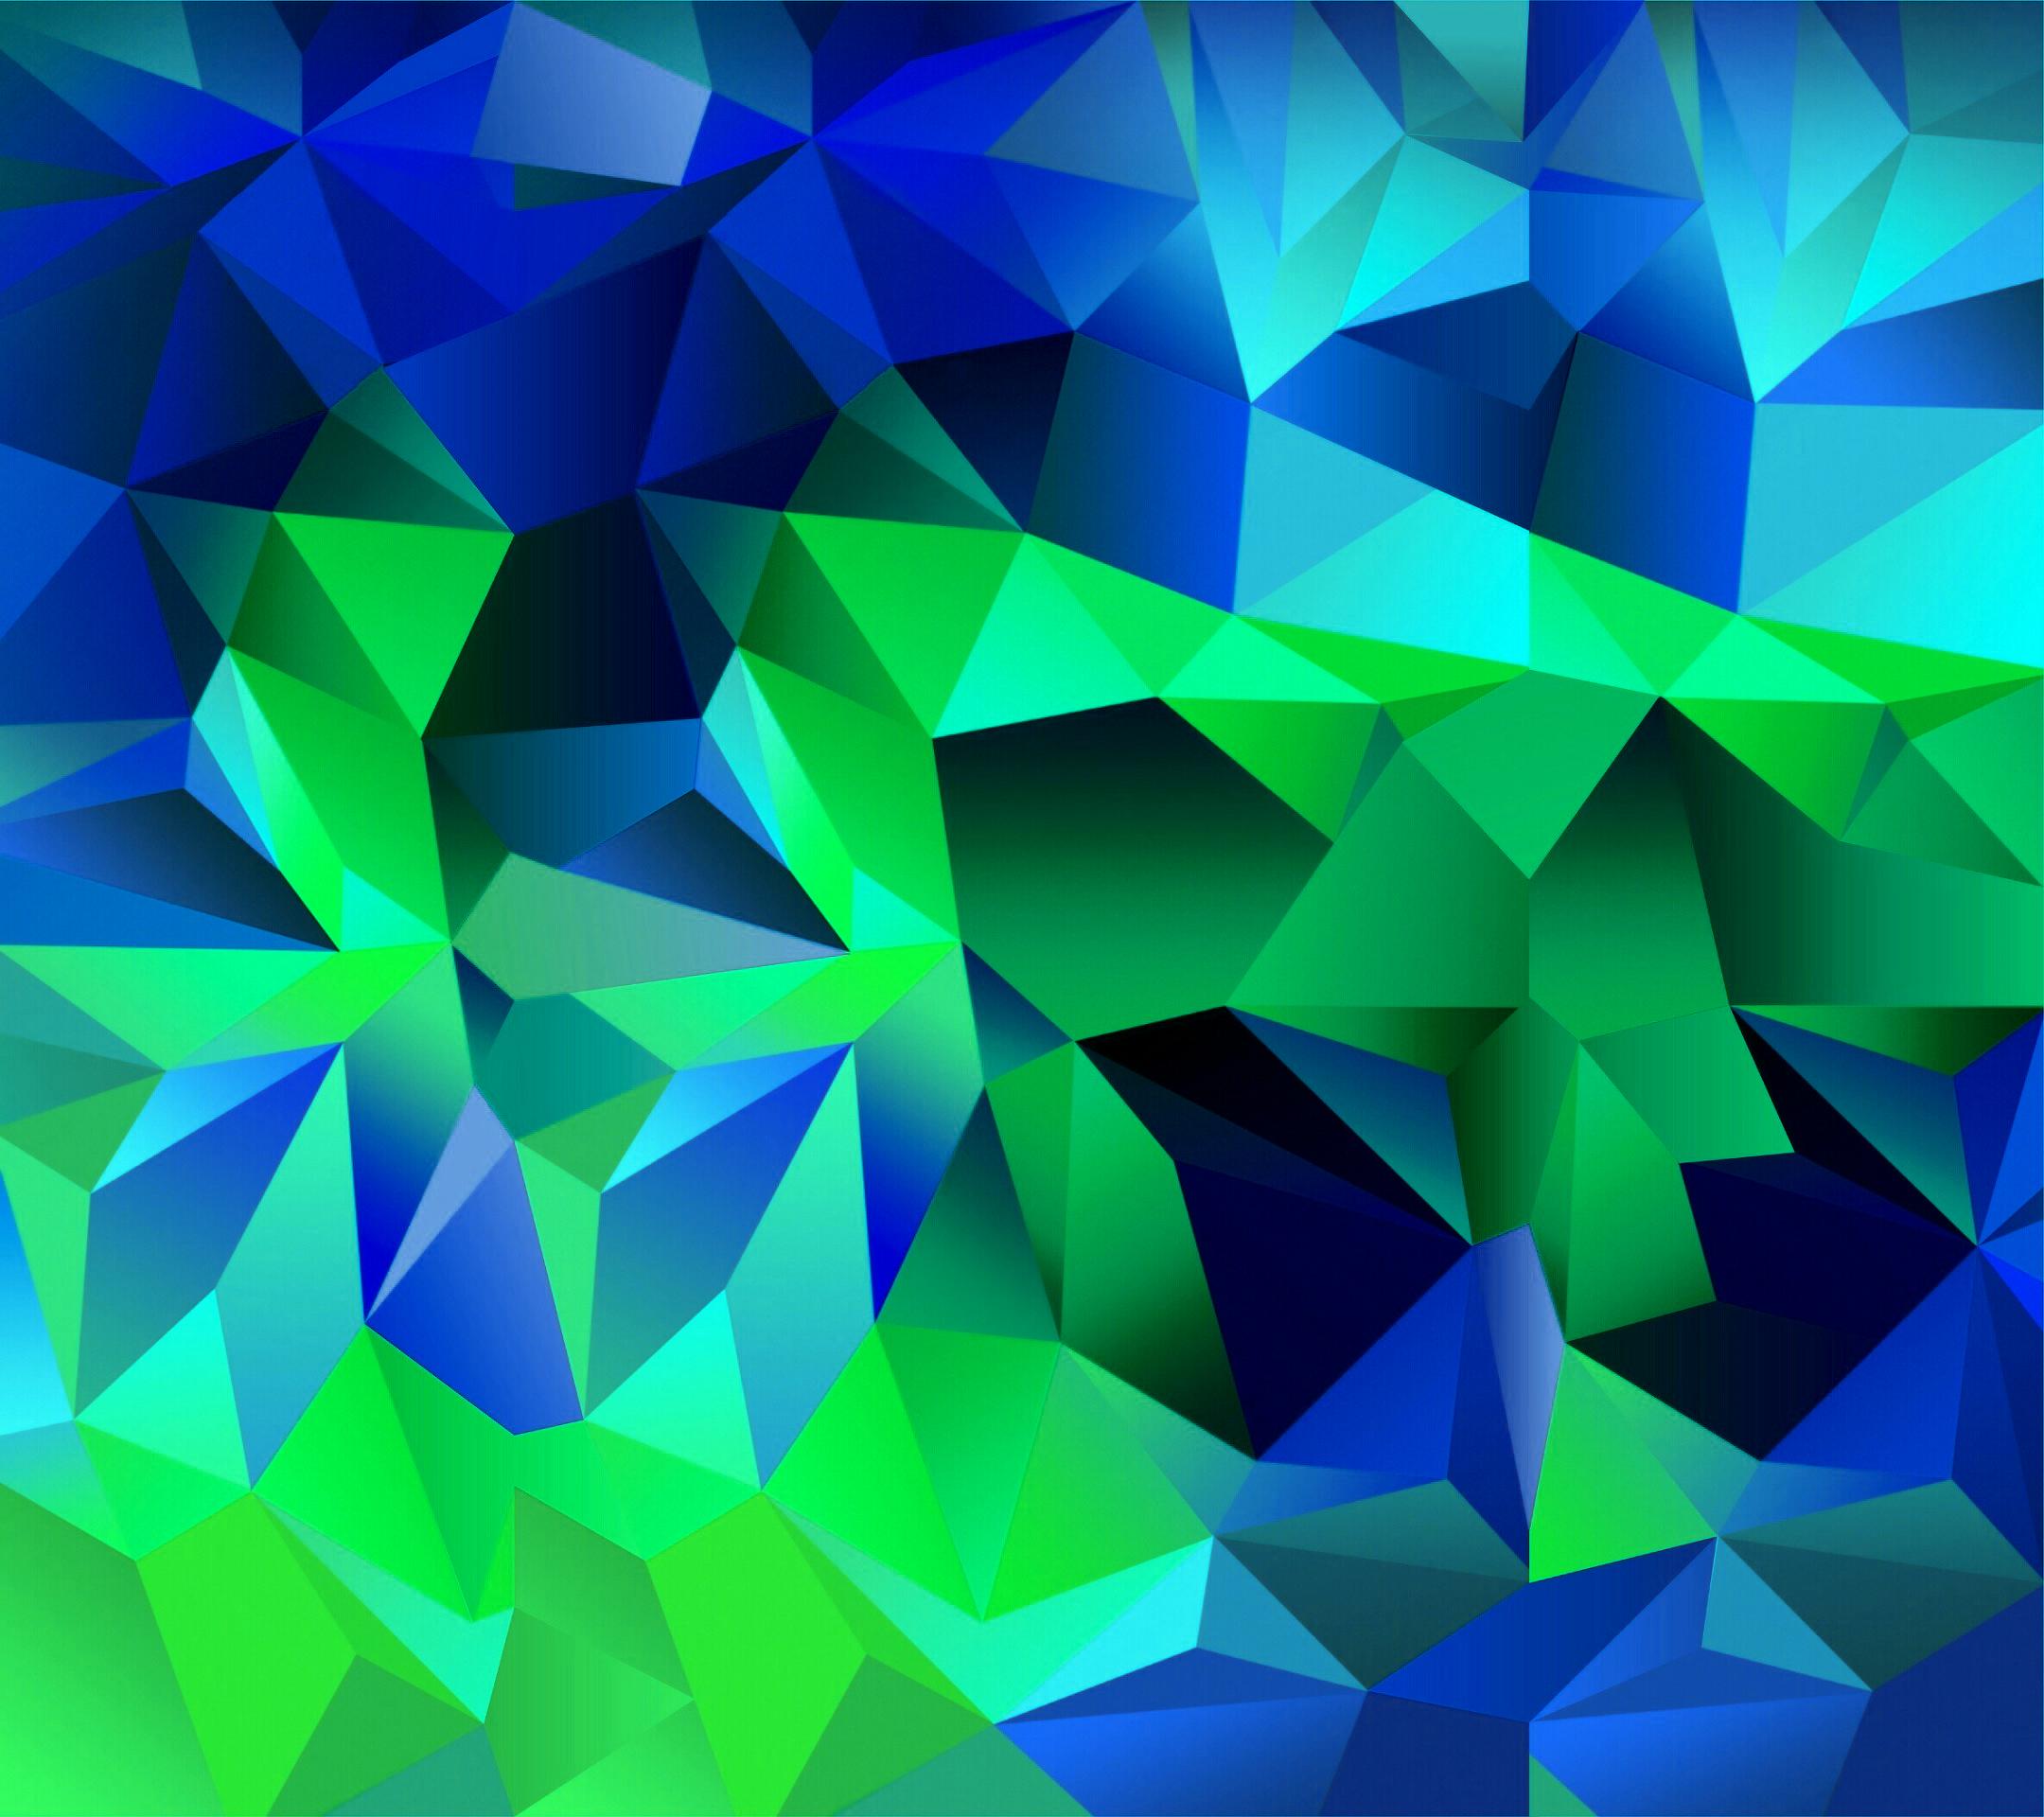 gallery 26 color galaxy s5 hd wallpaper default color blue green jpg 2160x1920